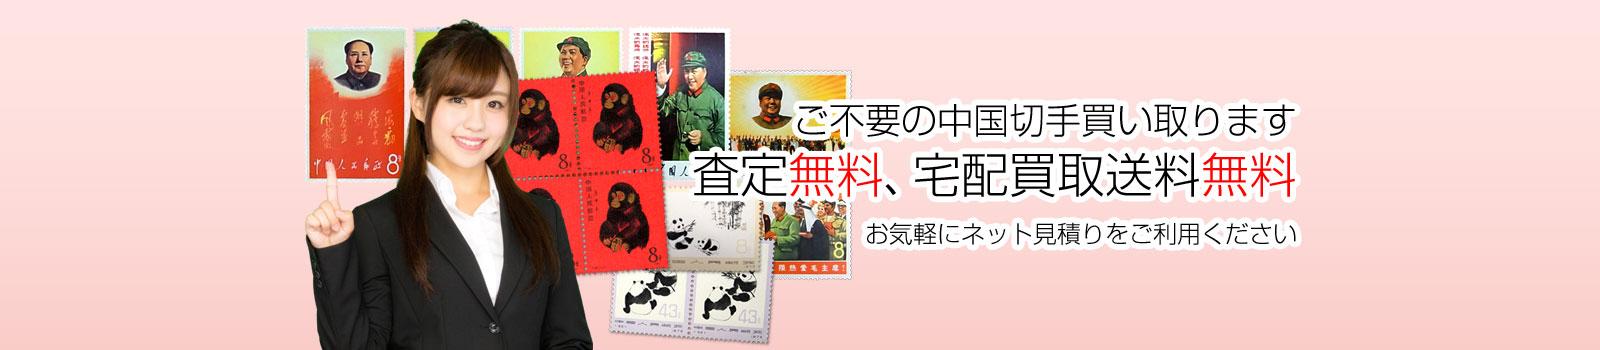 中国切手を買い取ります。査定無料、宅配買取送料無料